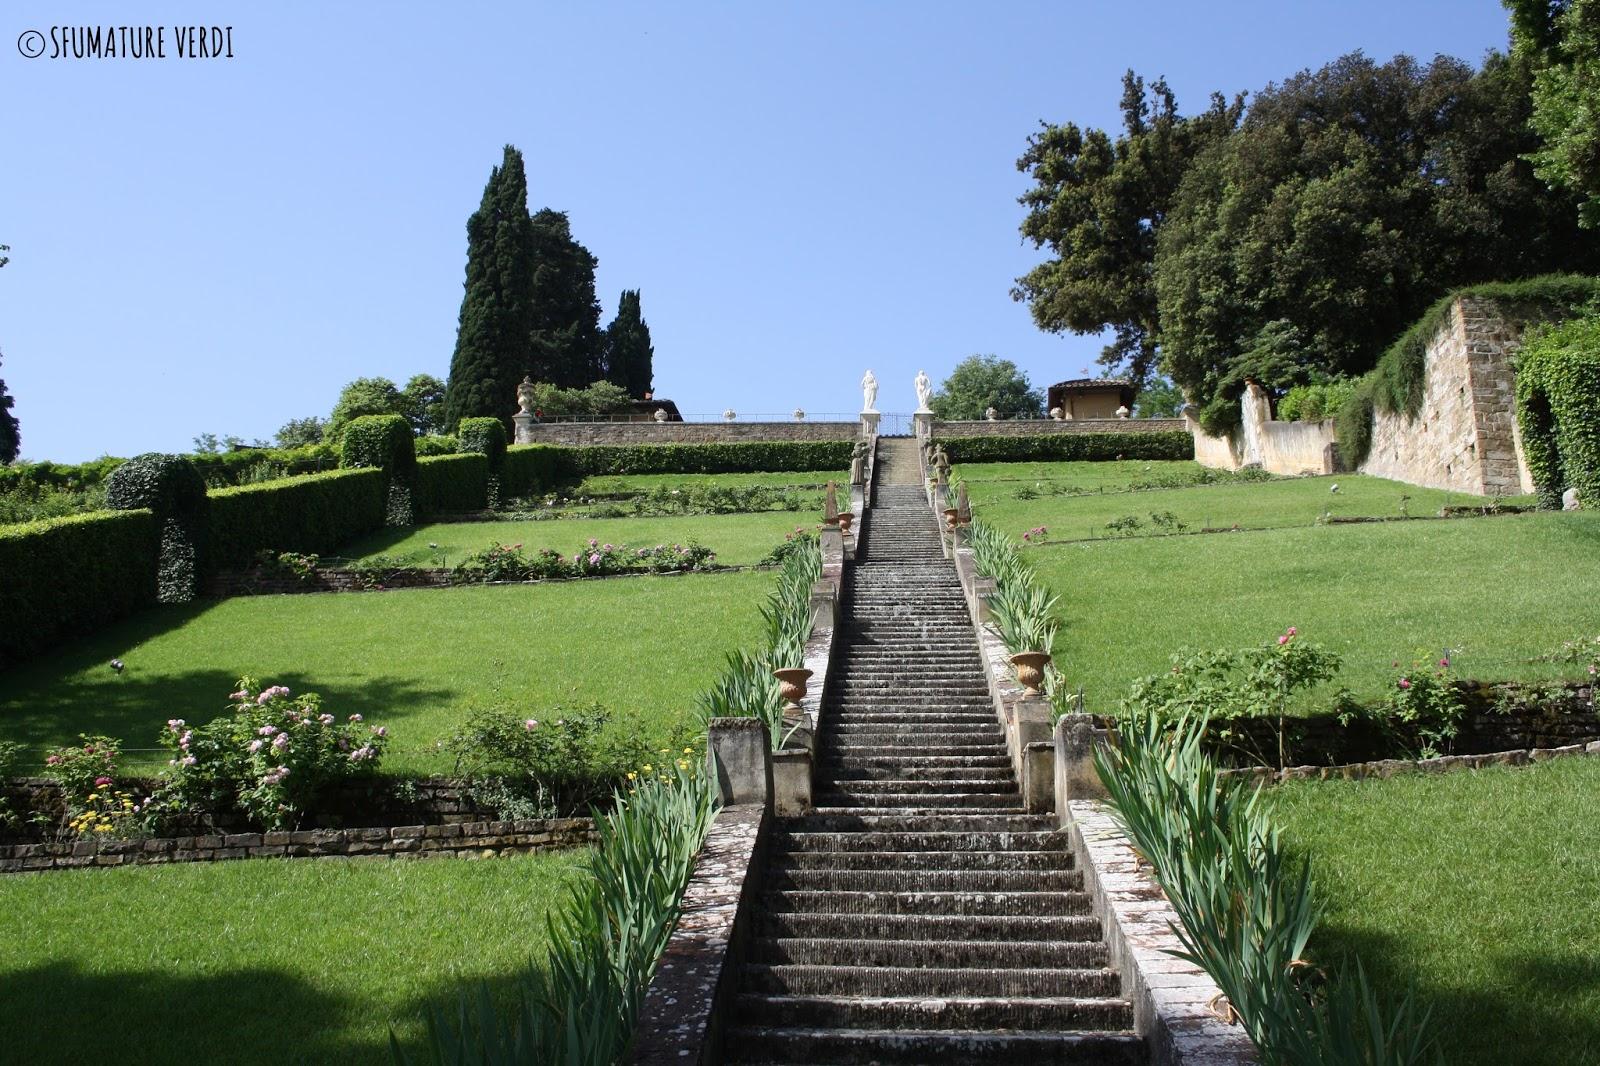 Il giardino di Villa Bardini: un giardino storico nel centro di ...